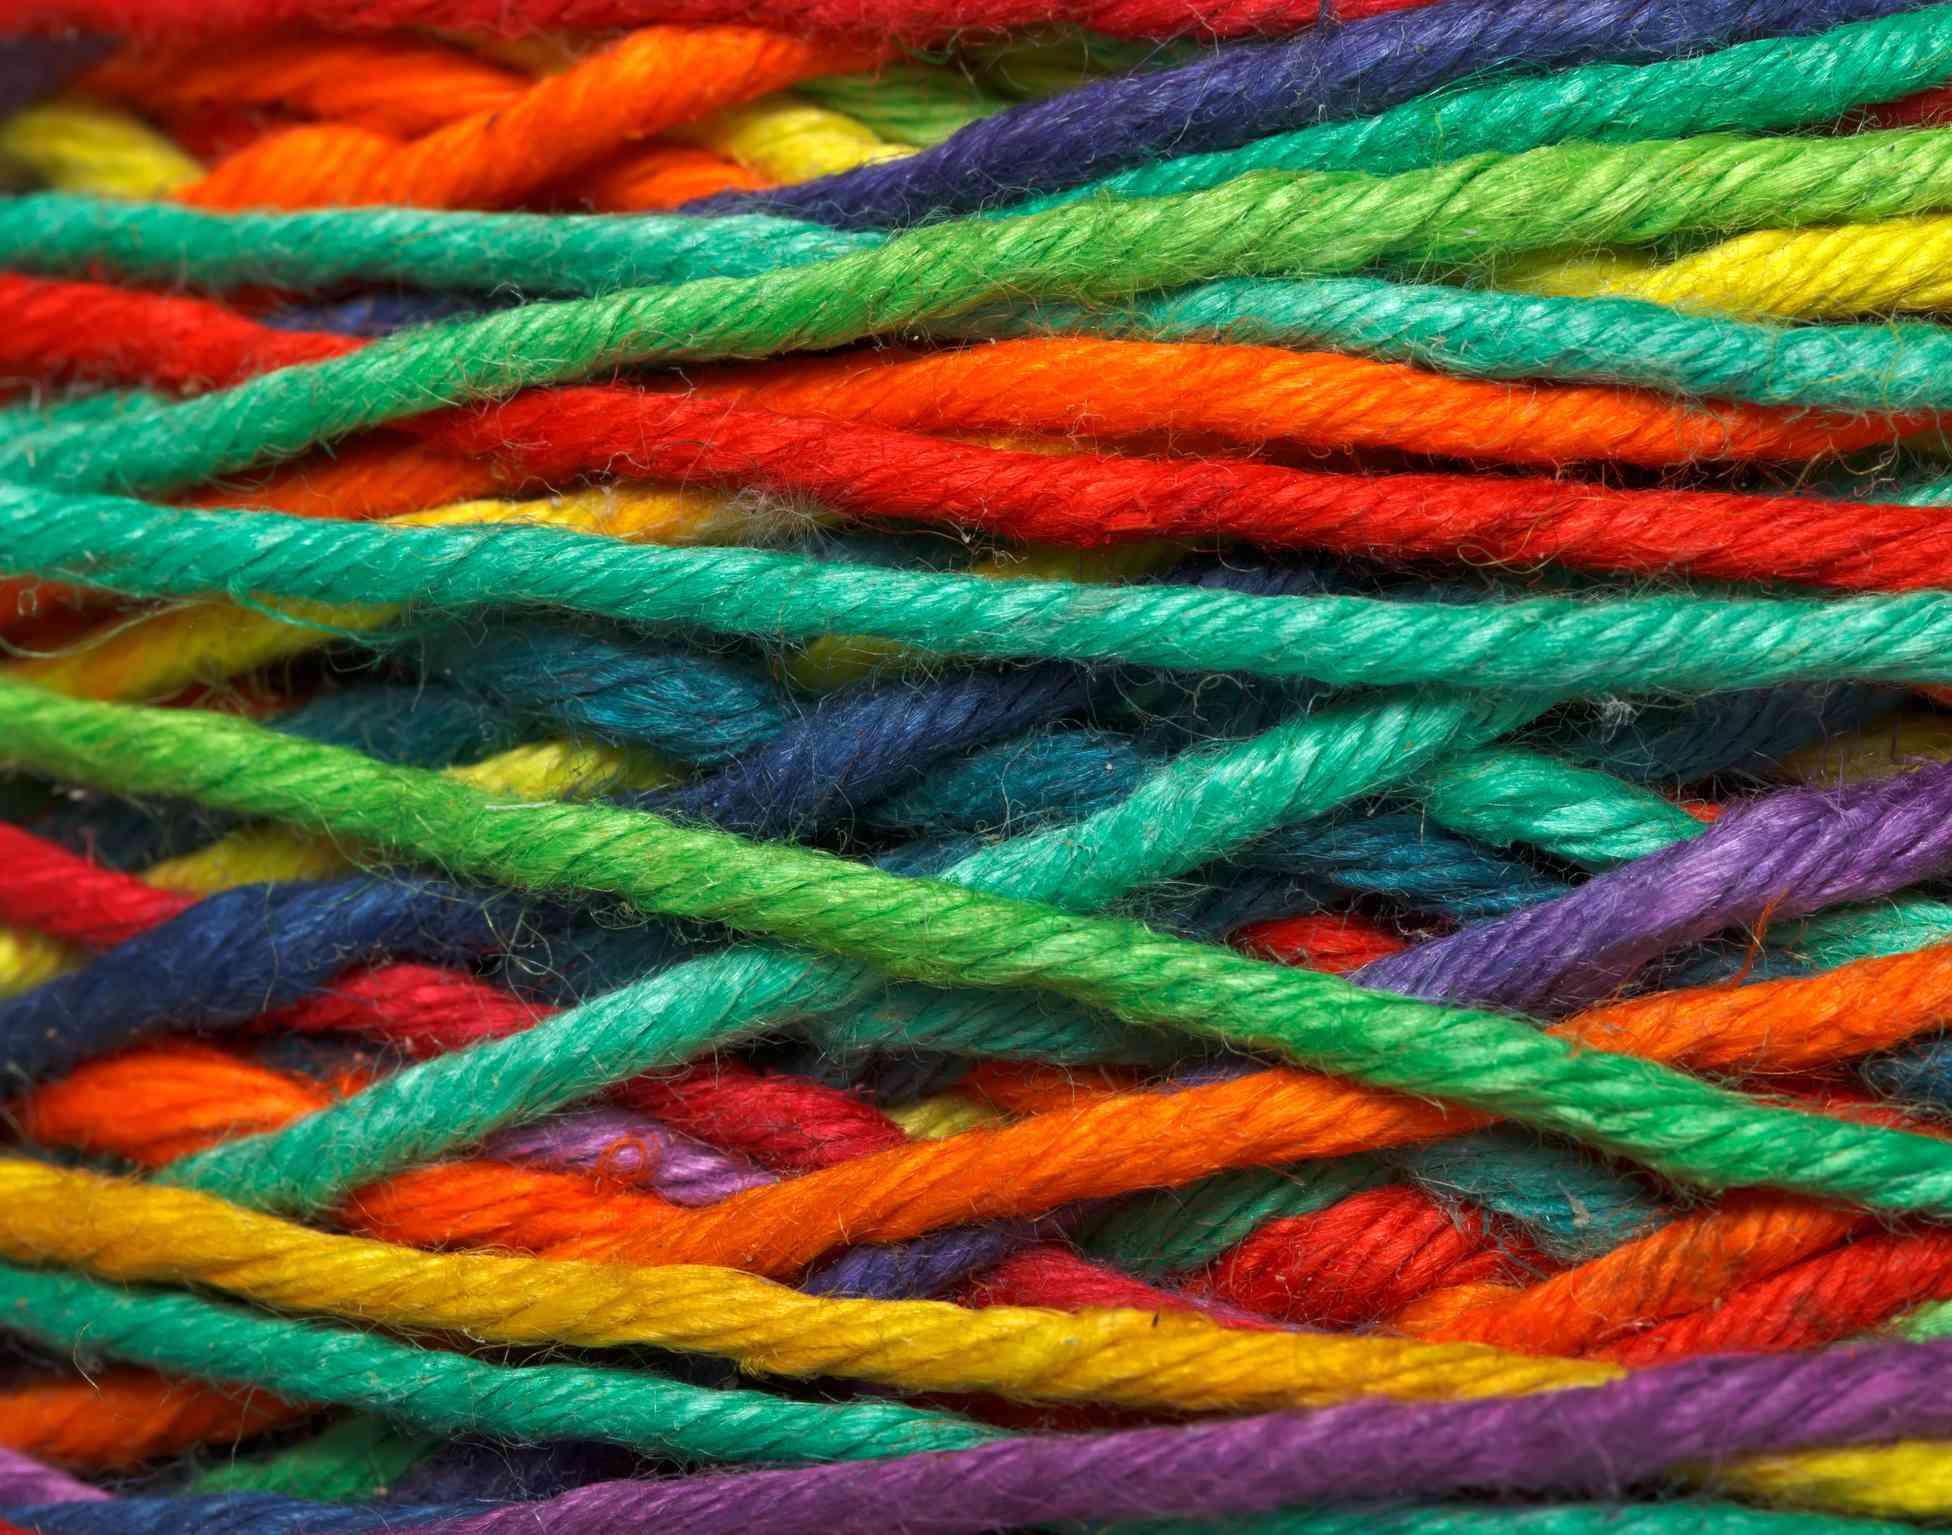 Multi-colored yarn ball